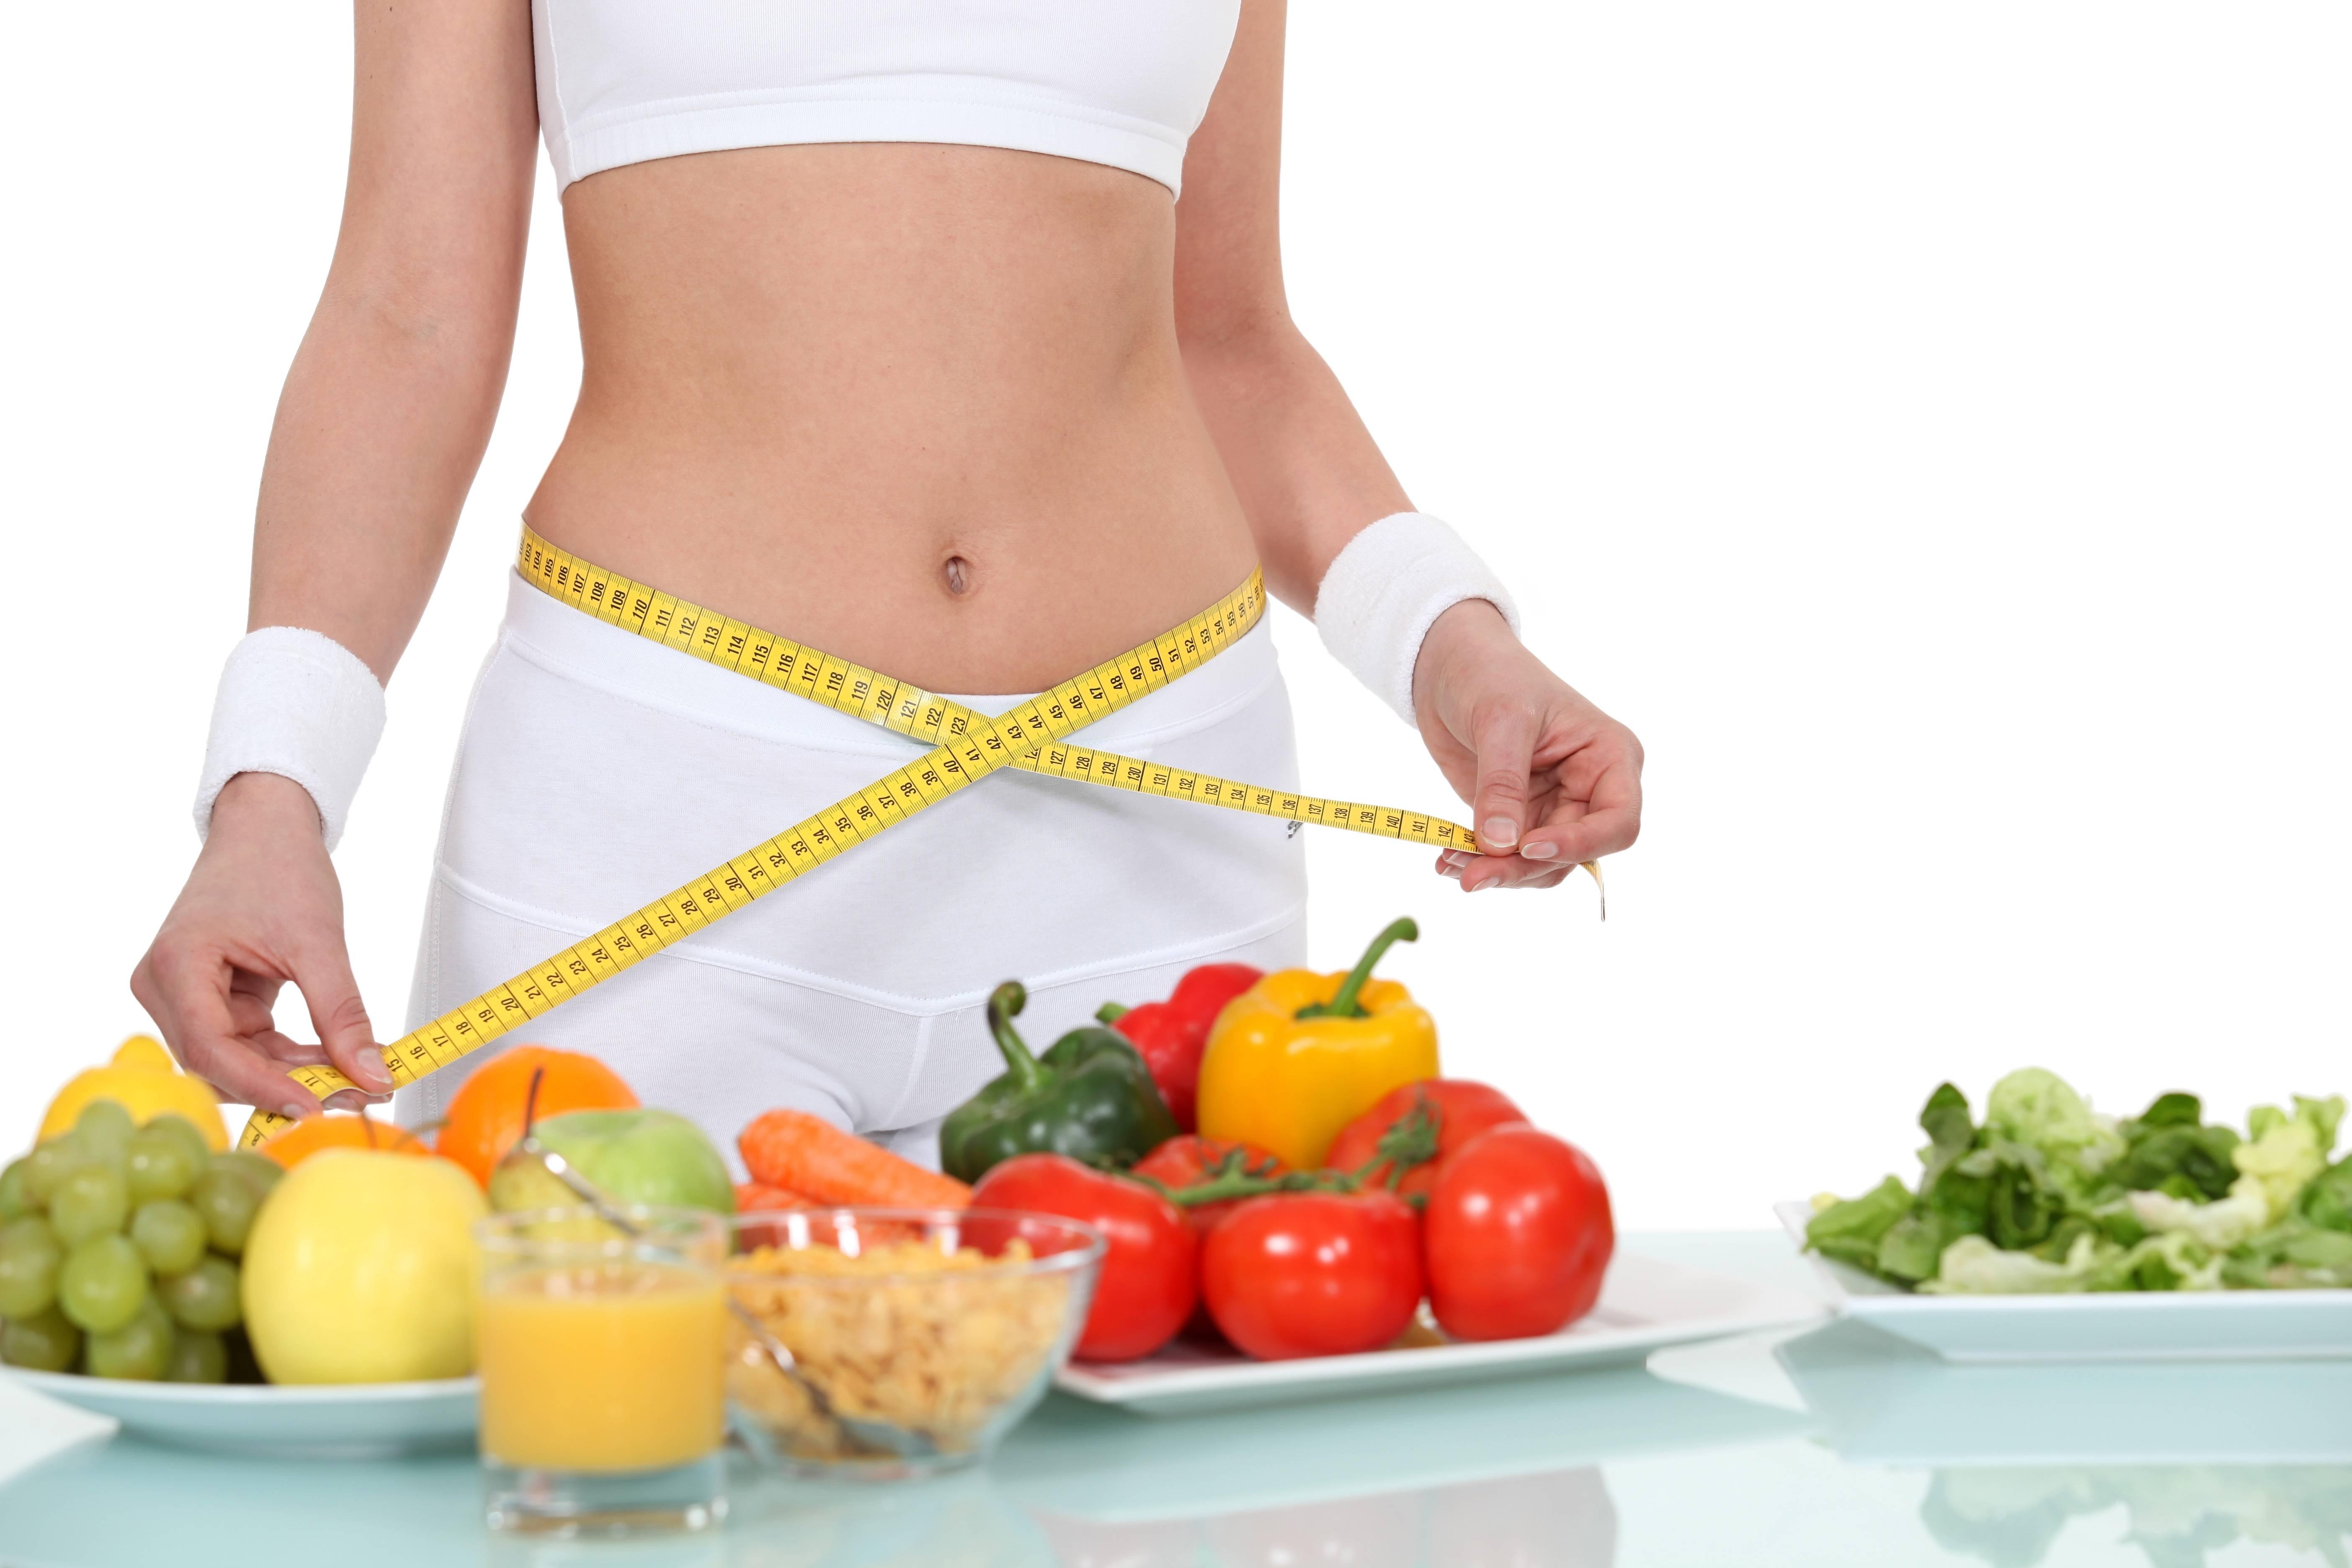 Dimagrire mangiando: ecco la rivoluzionaria dieta Adamski che fa perdere peso e stare bene senza patire la fame